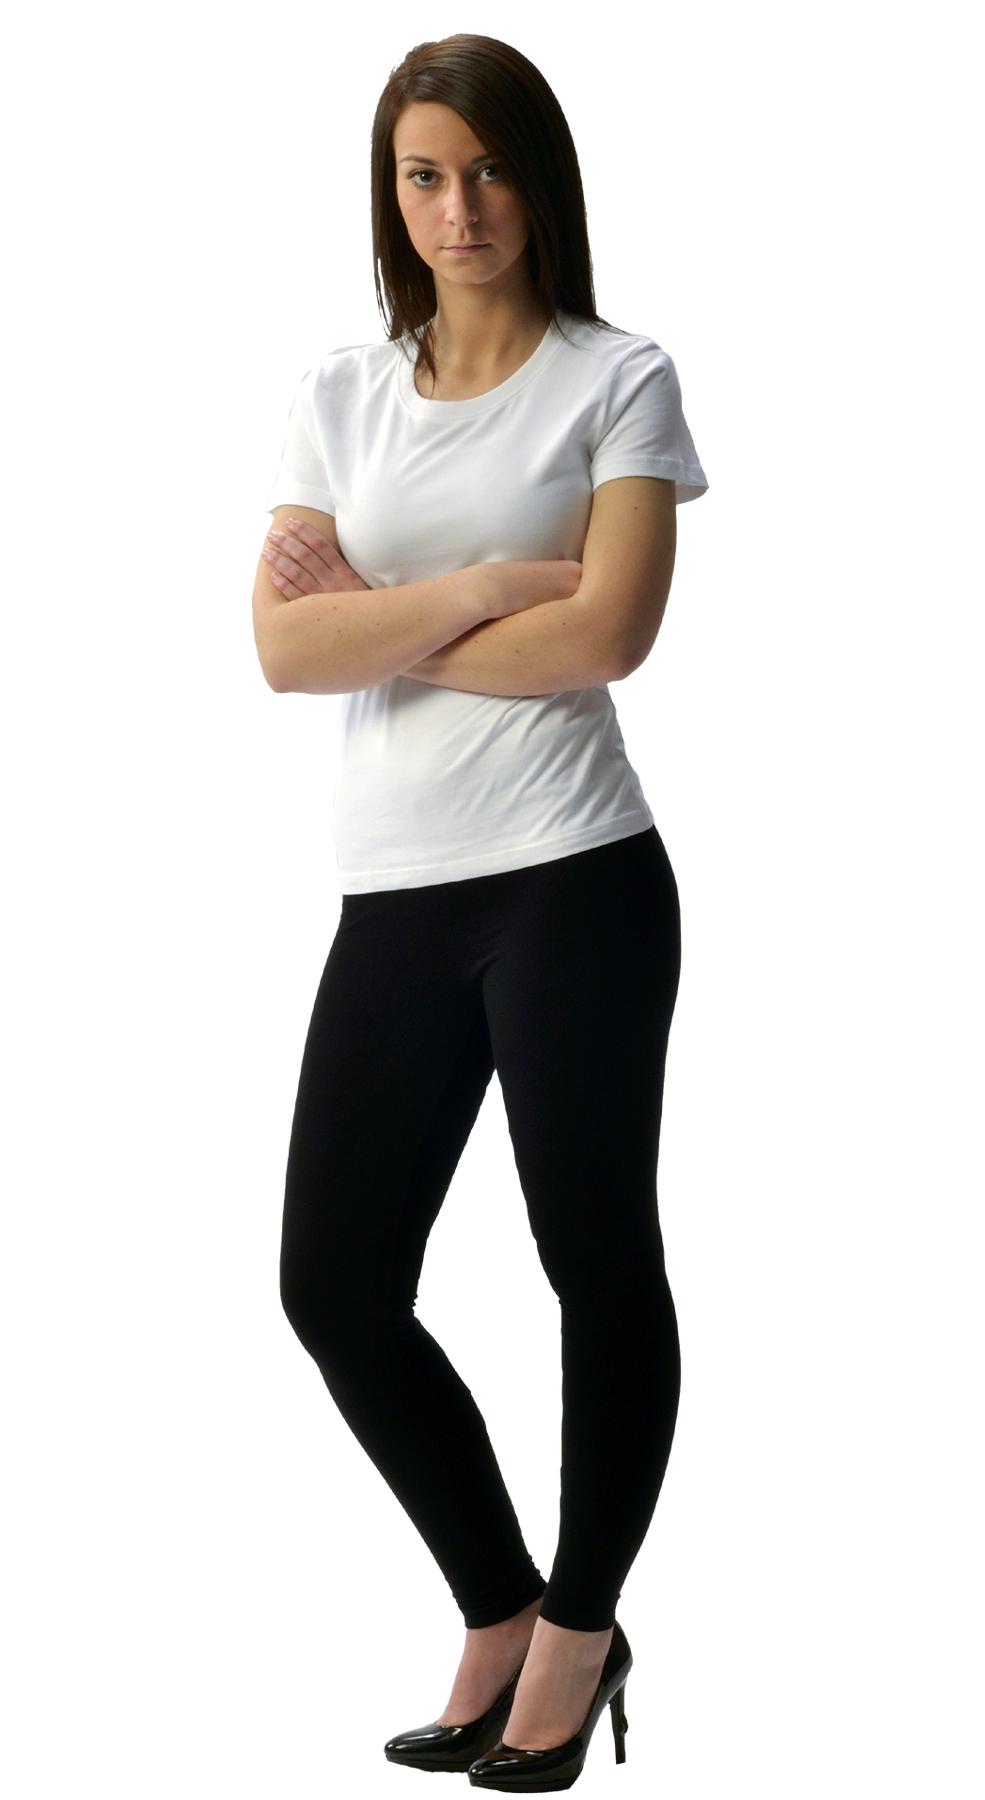 Monag 953002 - S/S Women's Crew Neck Tee 100% Polyester